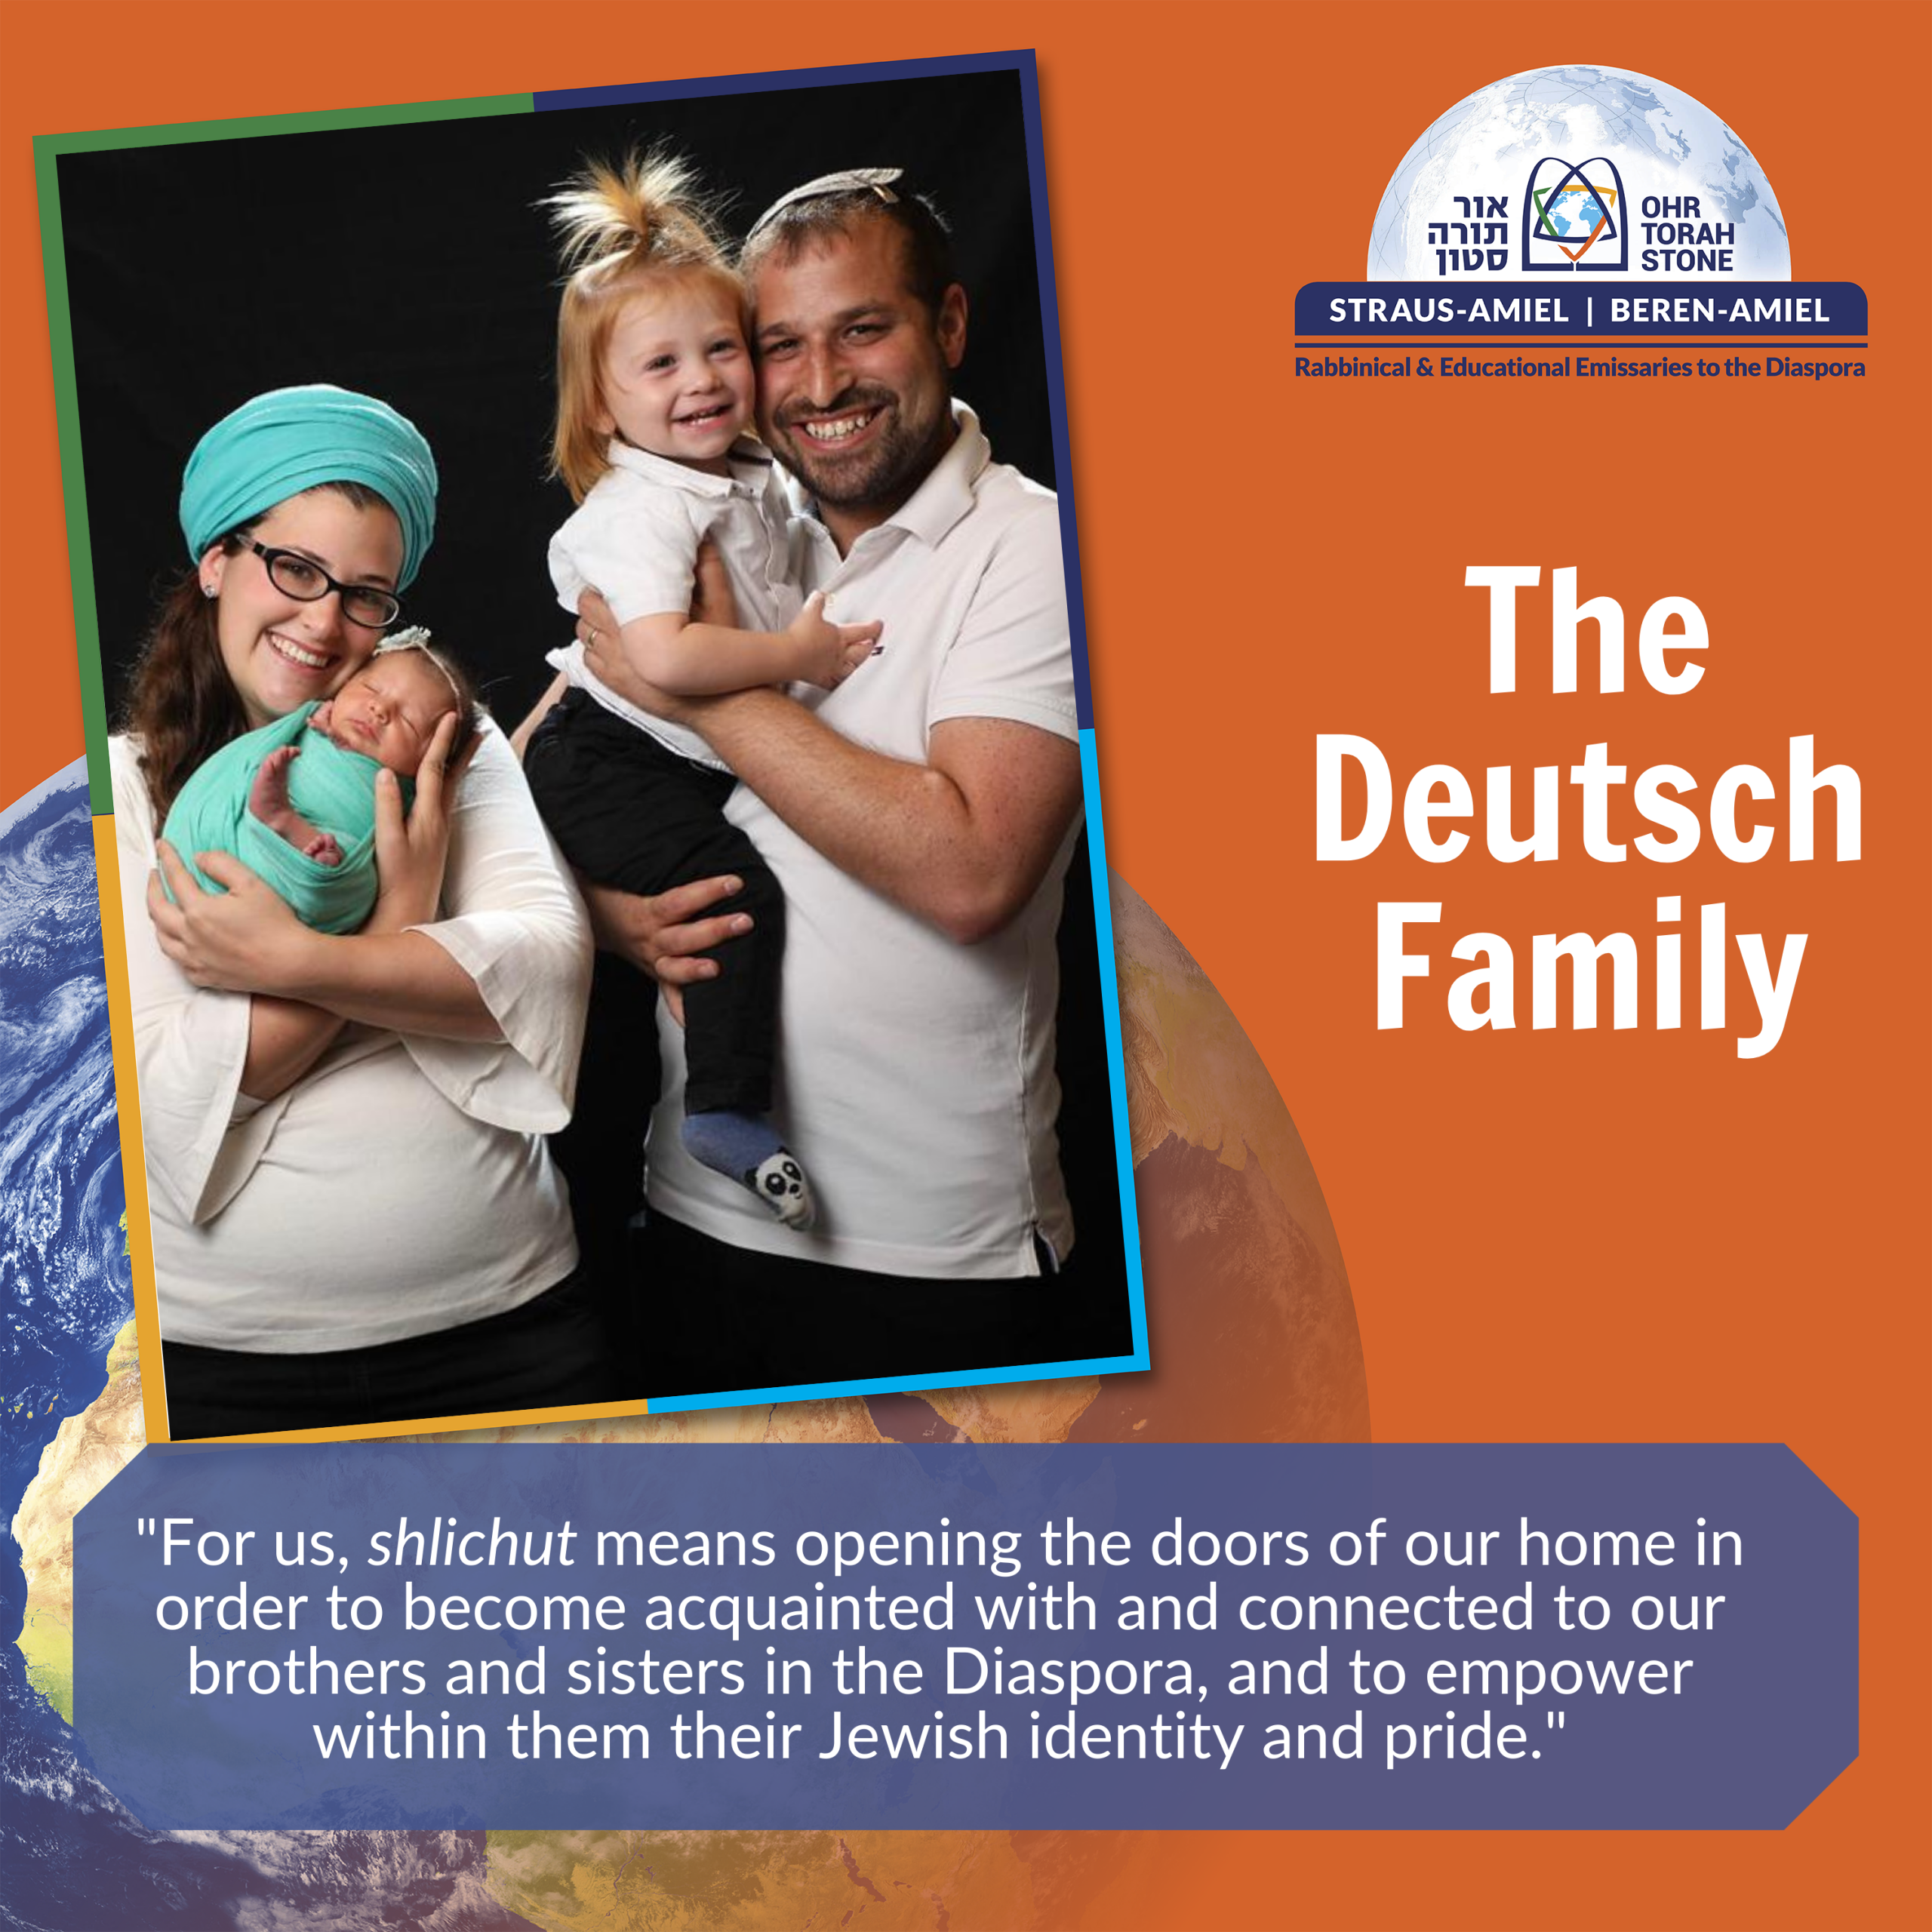 The Deutsch Family